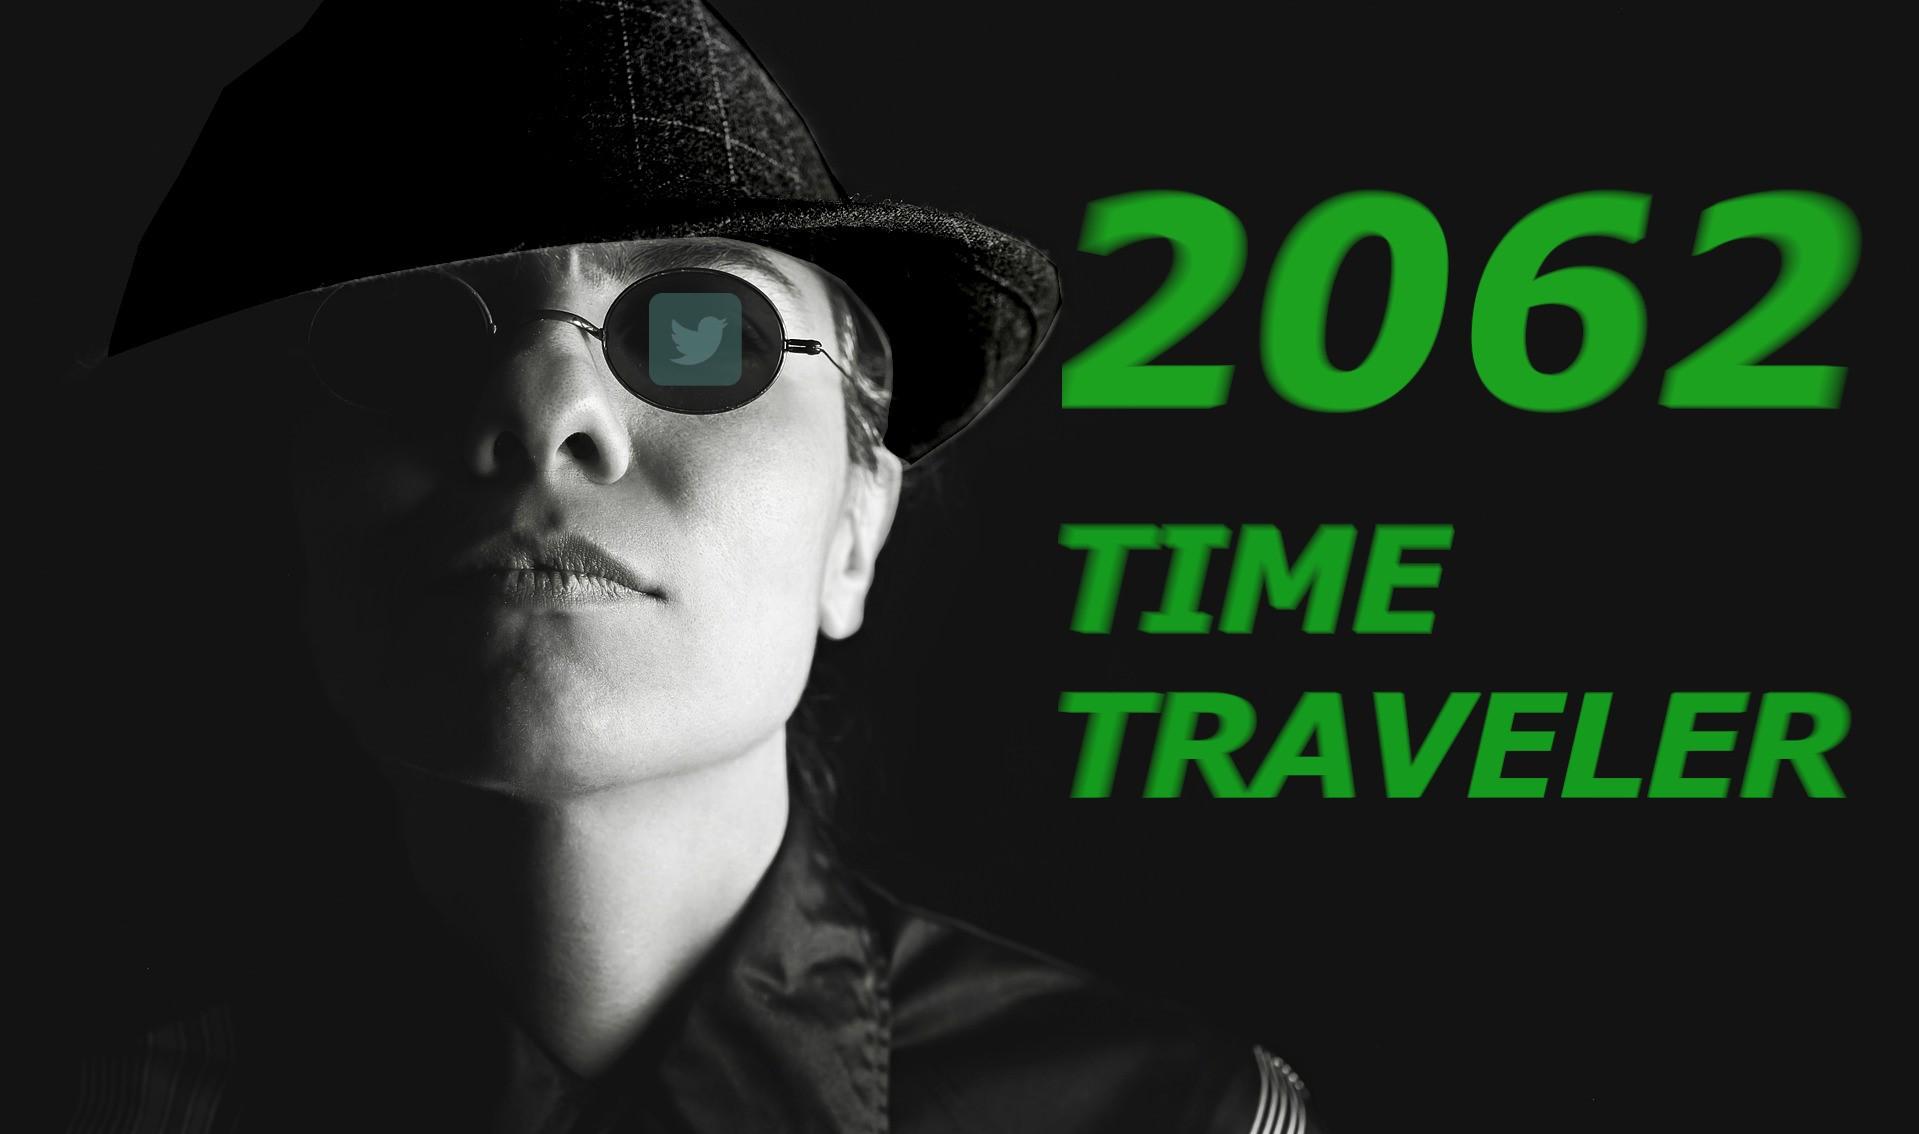 未来2062